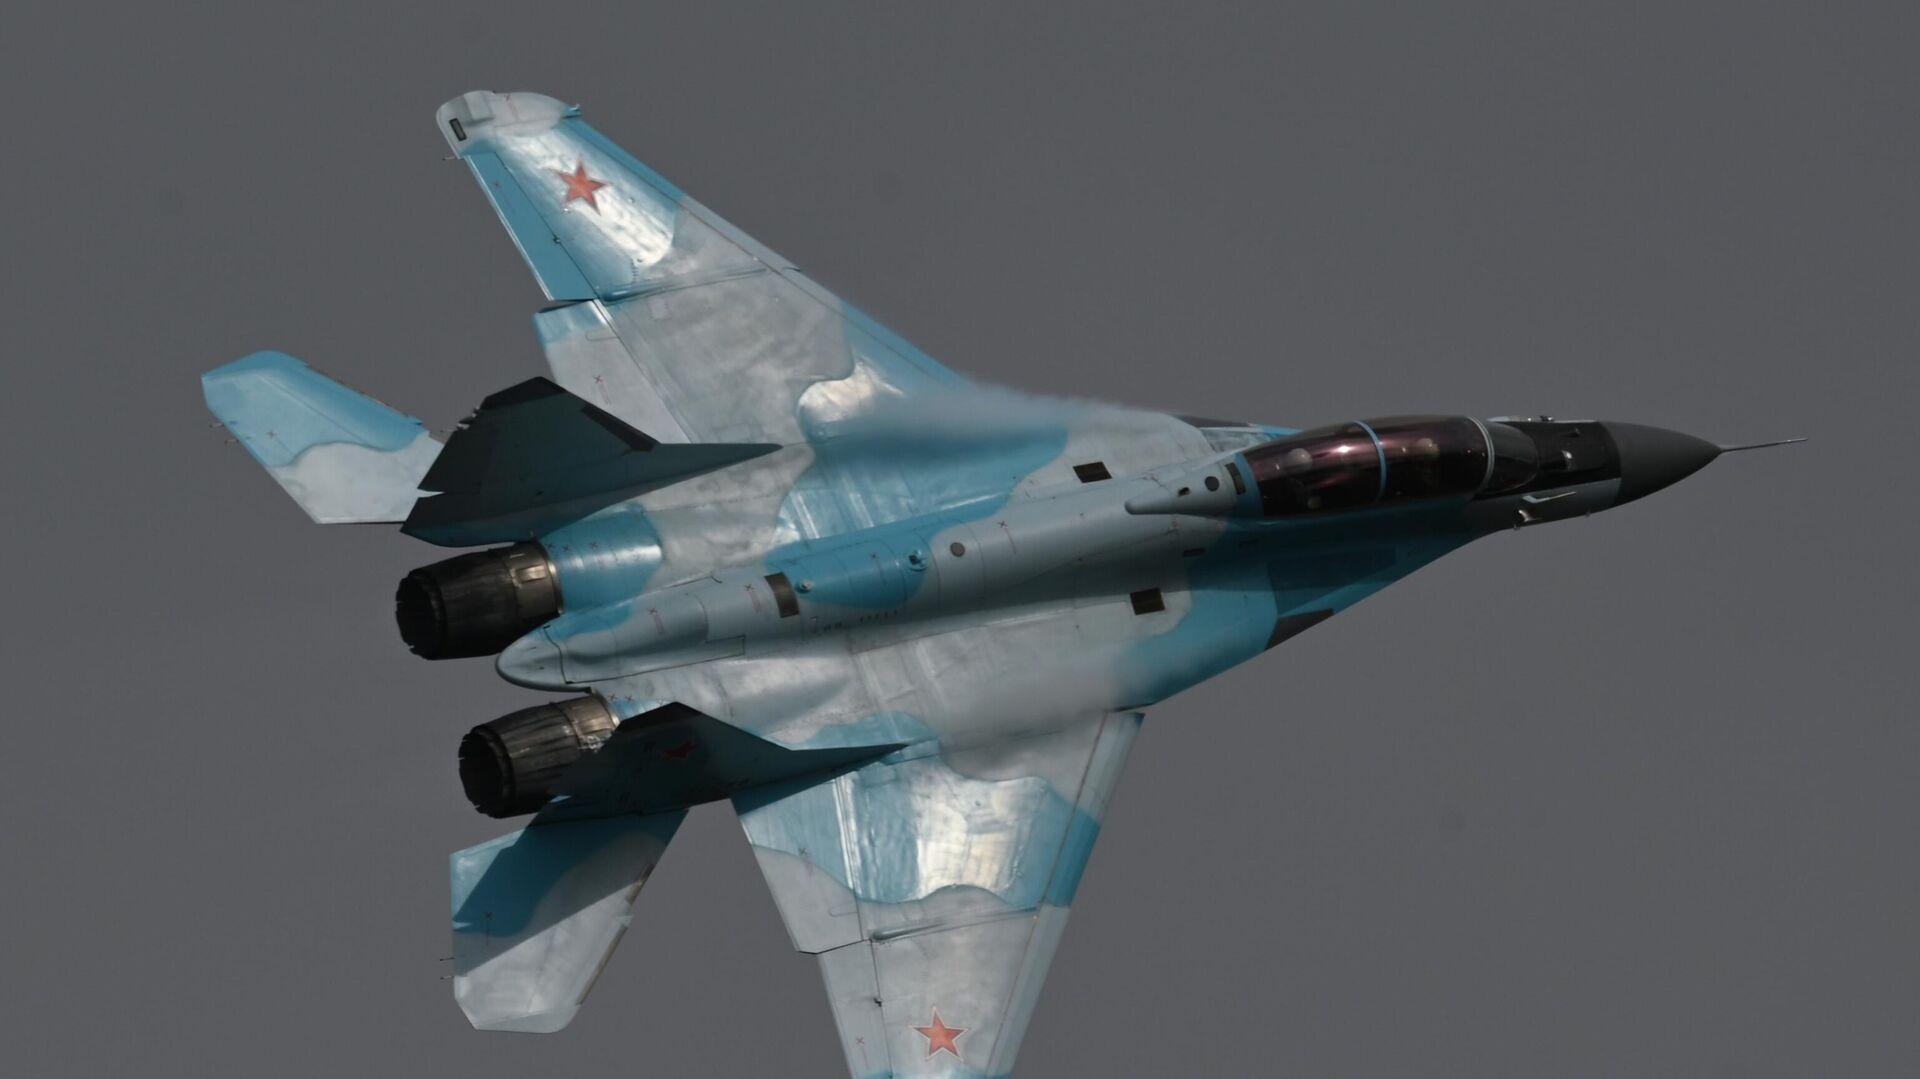 Сazas rusos MiG-35 - Sputnik Mundo, 1920, 22.07.2021